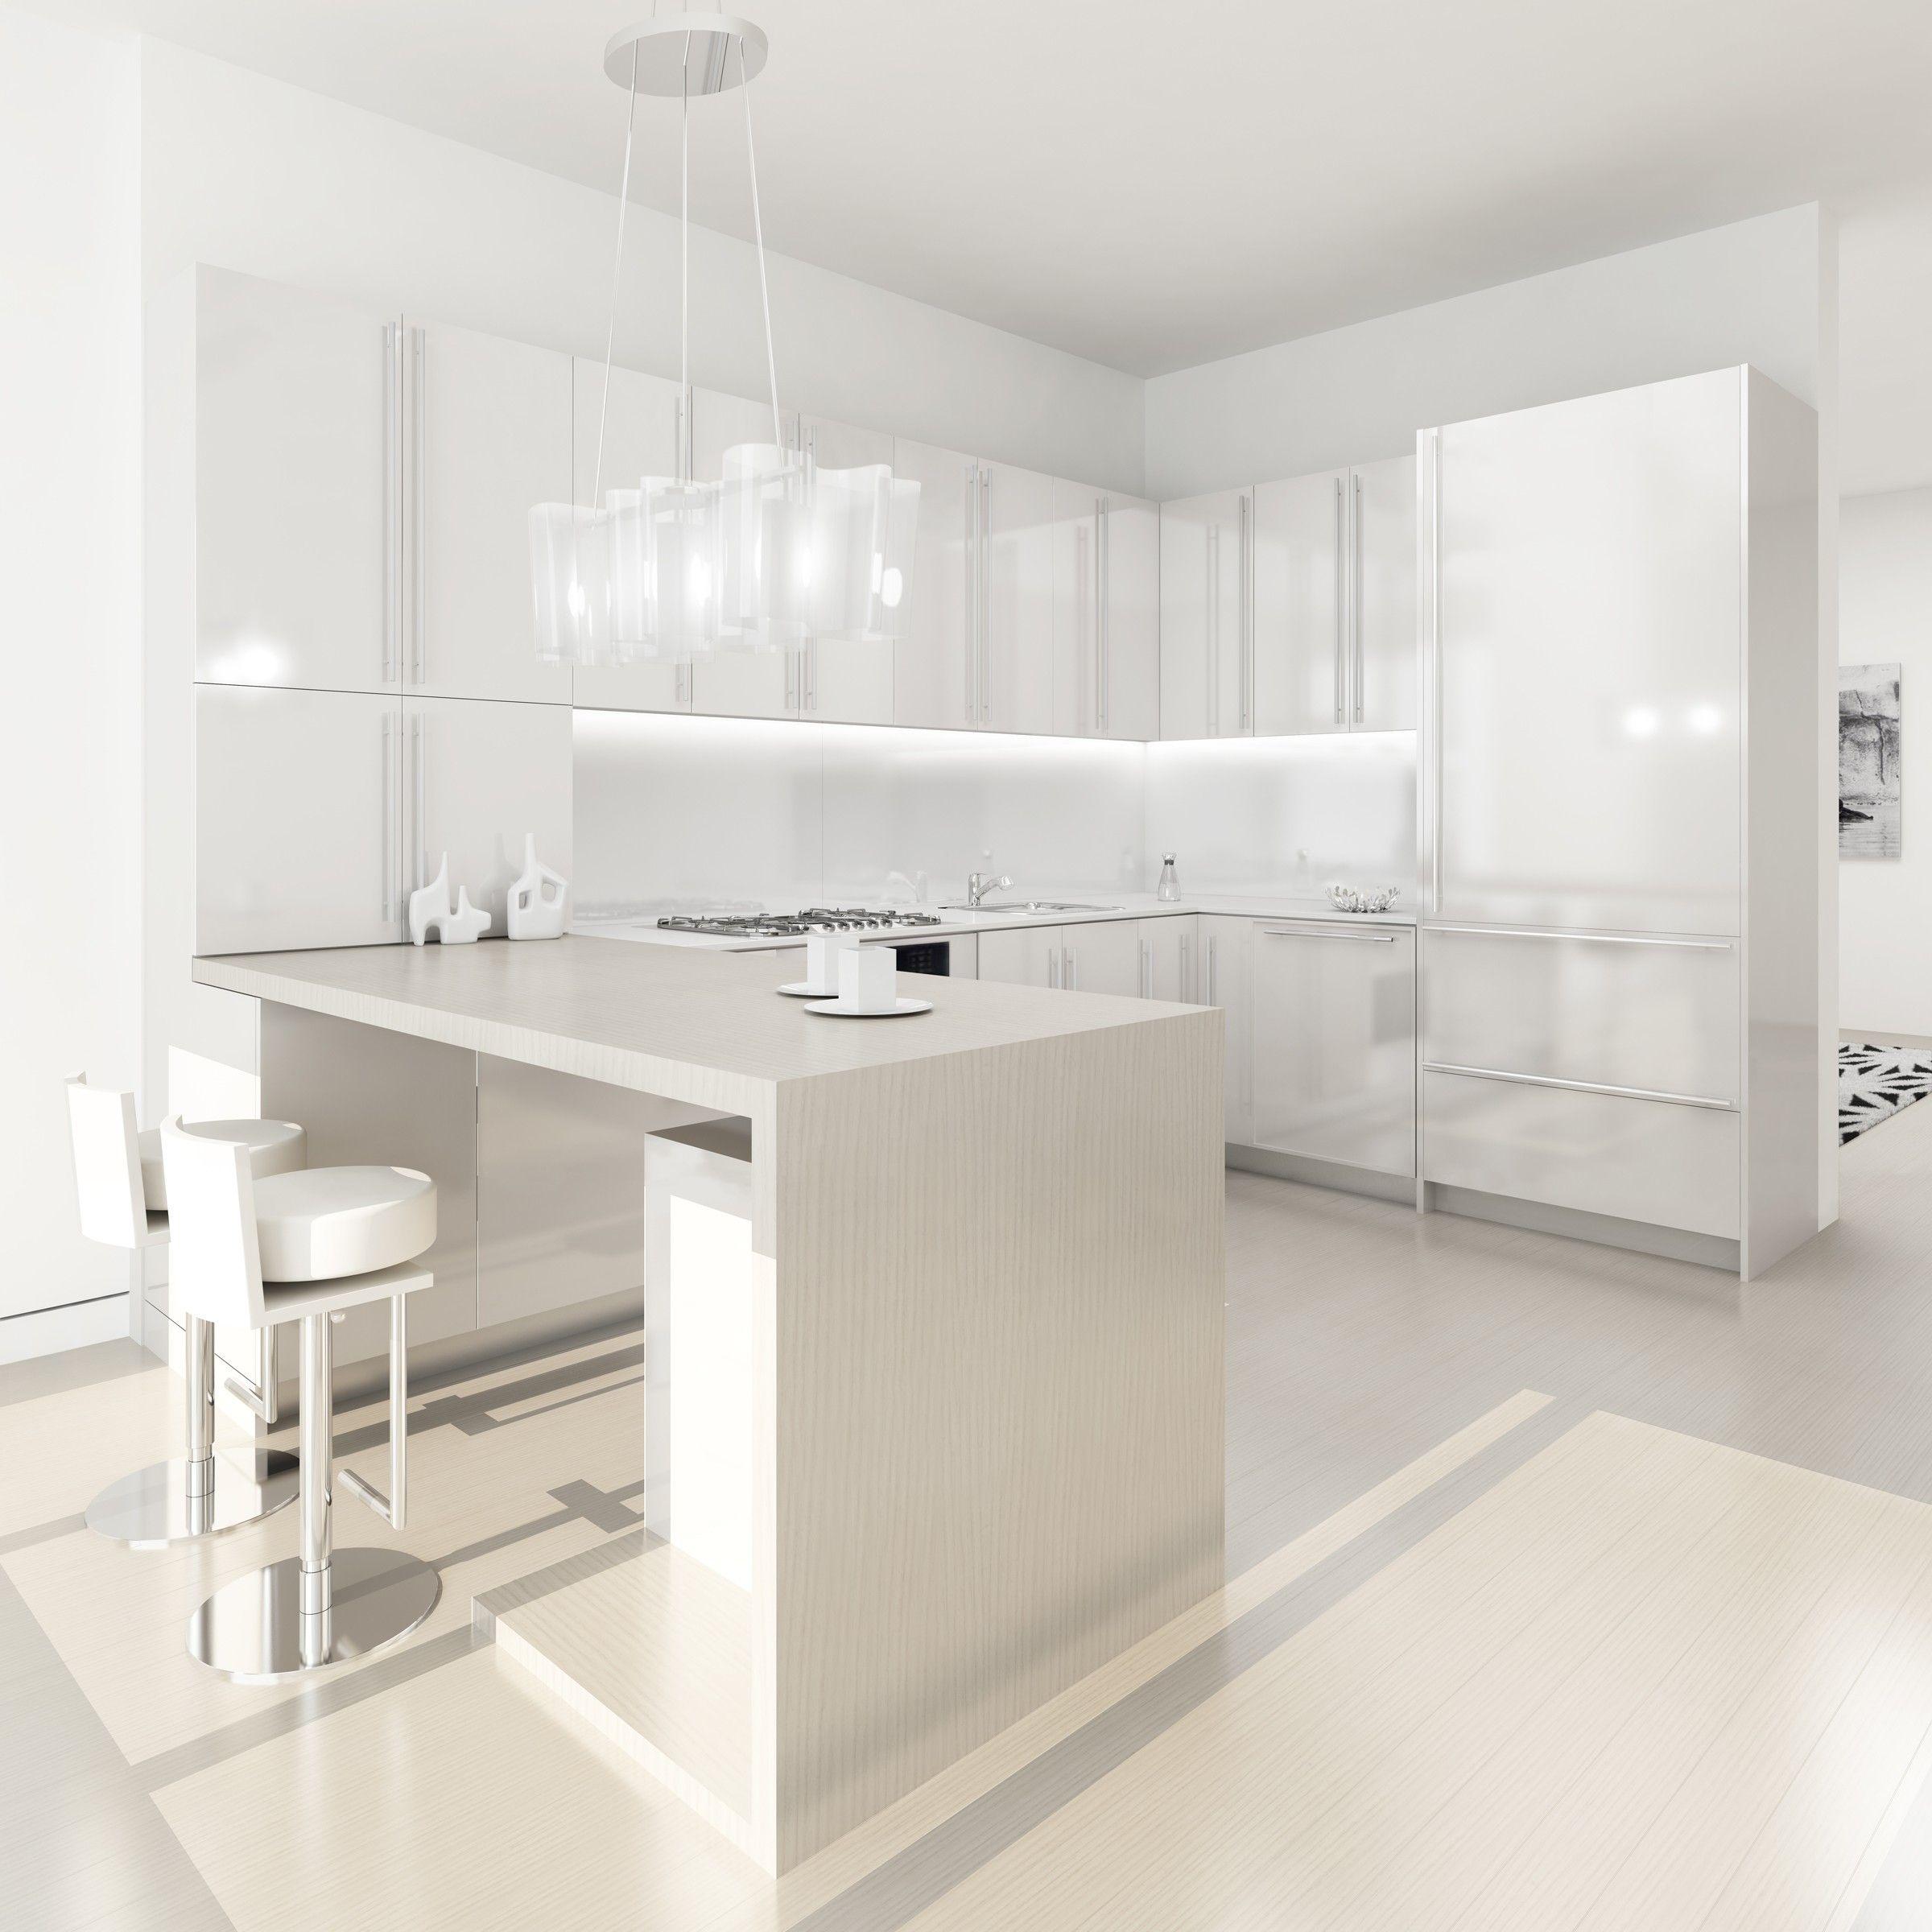 Quarz-küchendesign trendige küche counter hocker ideen  küche innenräume  pinterest